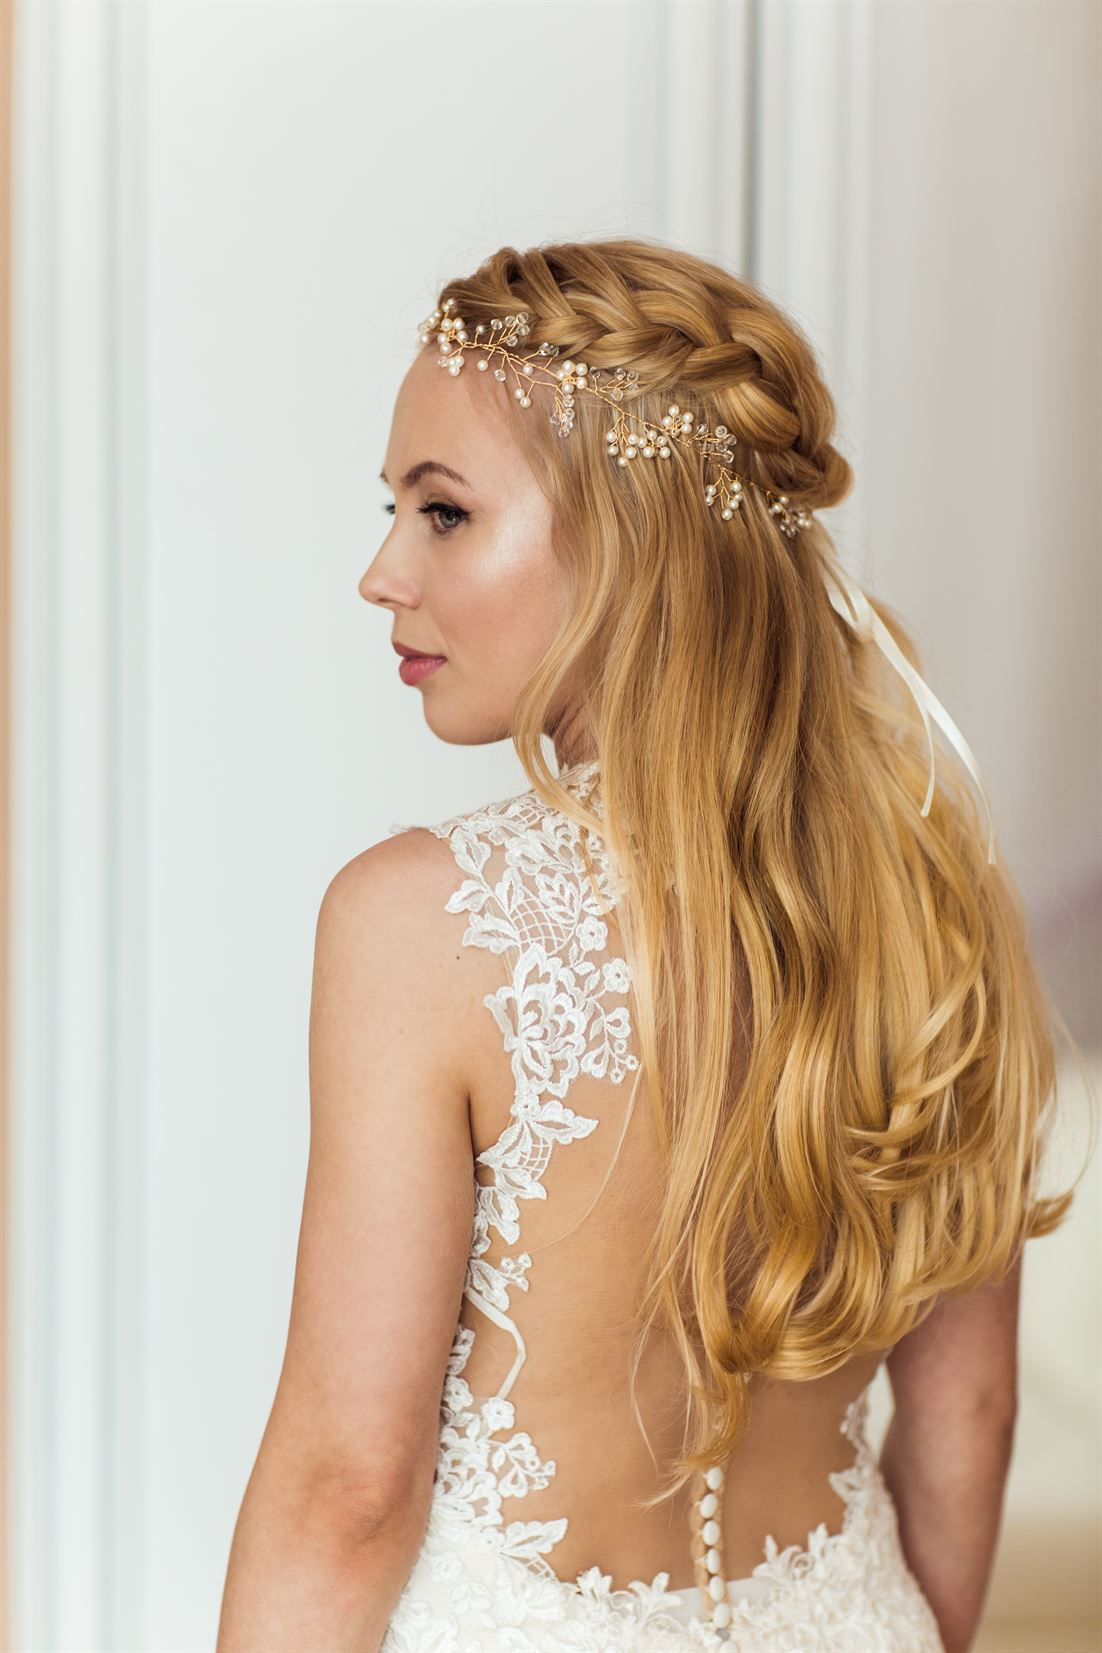 niezwykła fryzura ślubna panny młodej